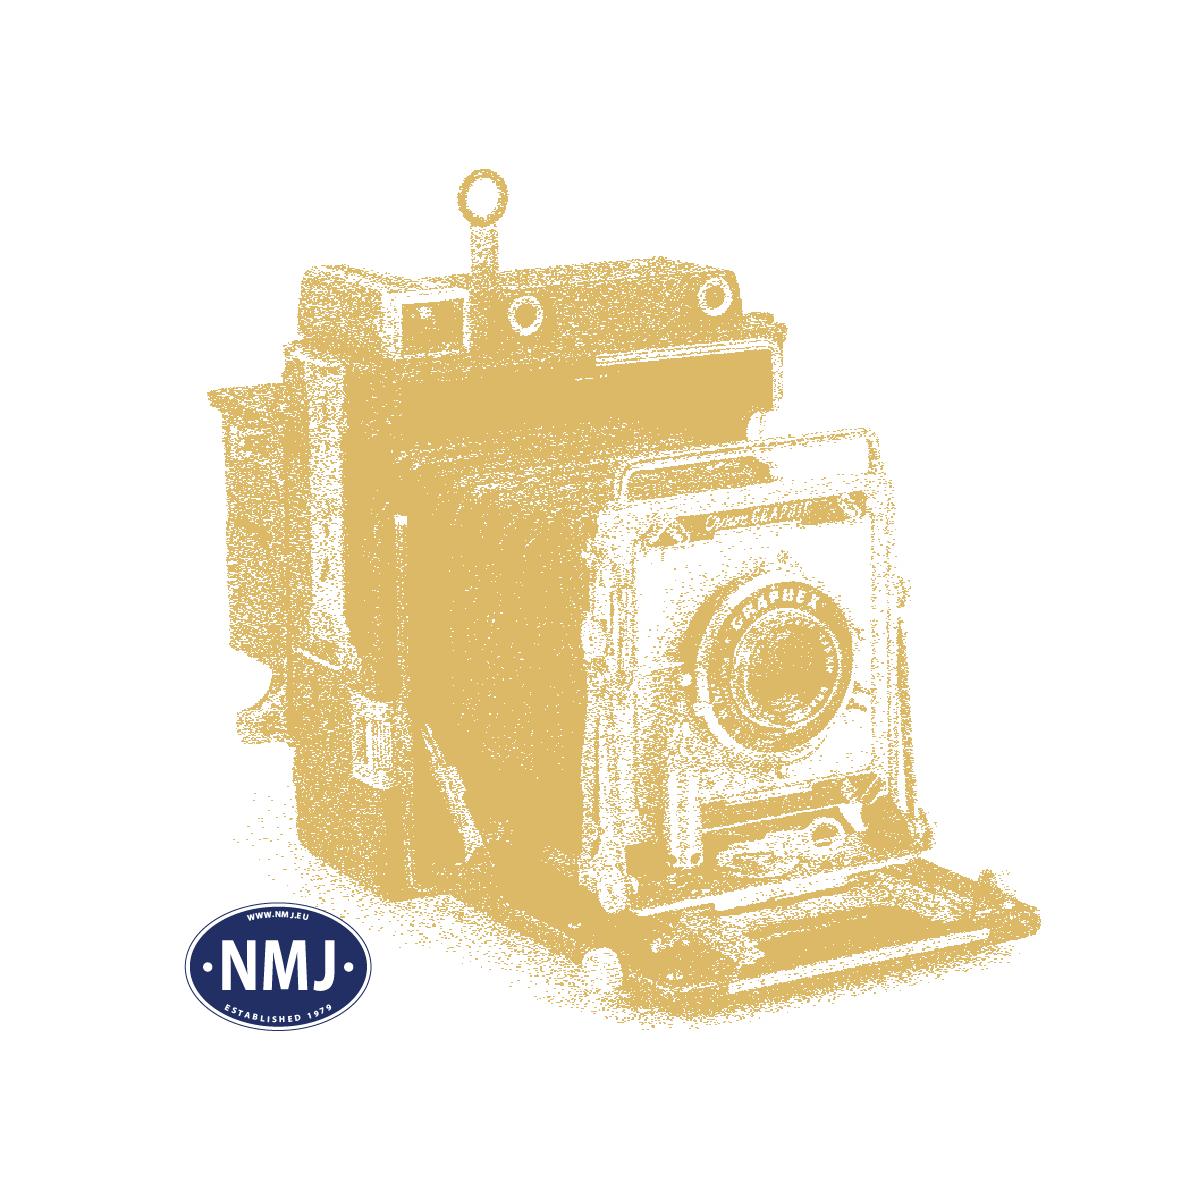 NMJT220.102 - NMJ Topline SJ Personvogn BCo7b 3500